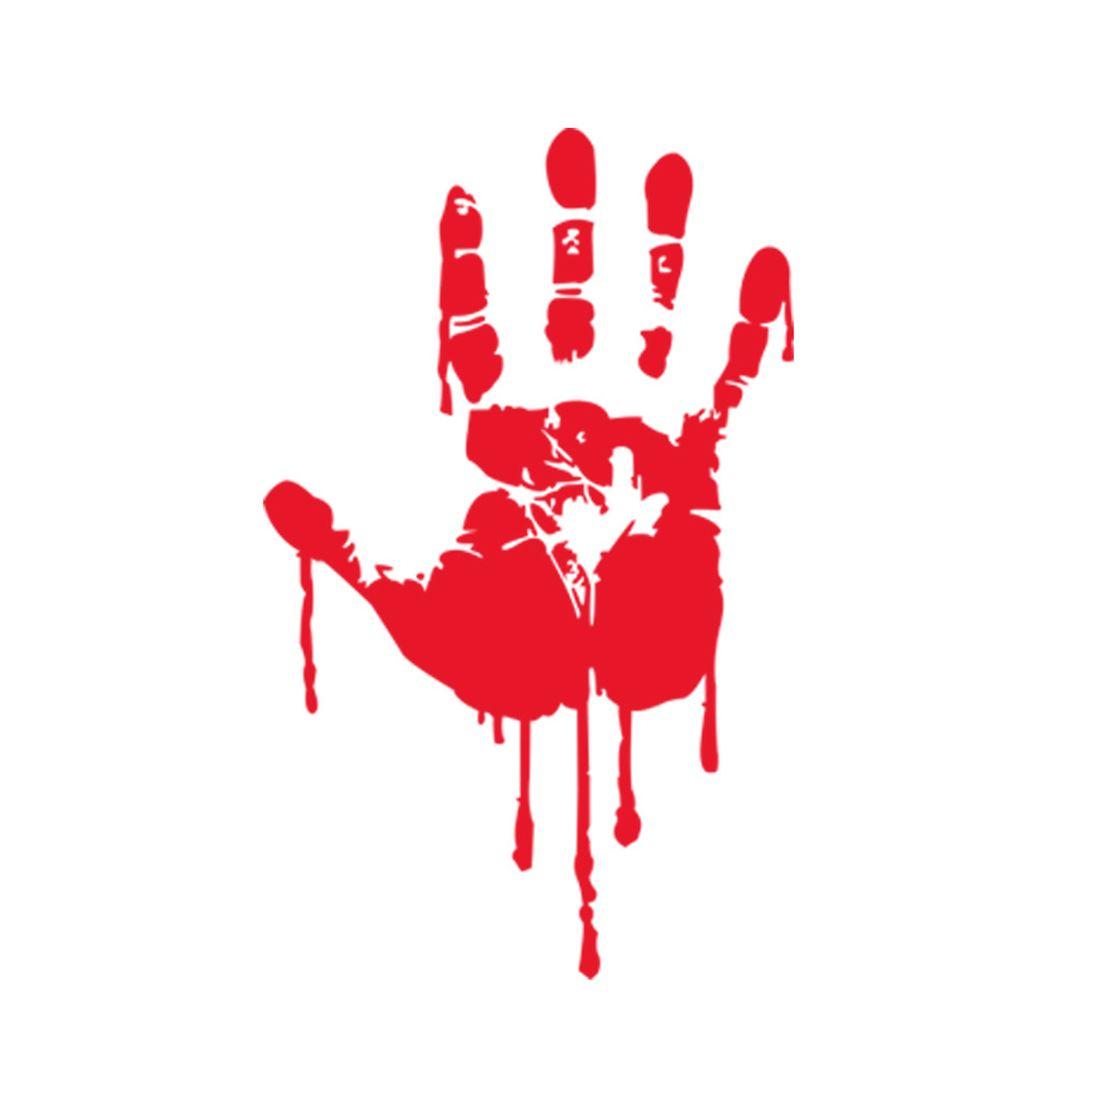 new lifelike halloween blood drop red handprint wall sticker 3d